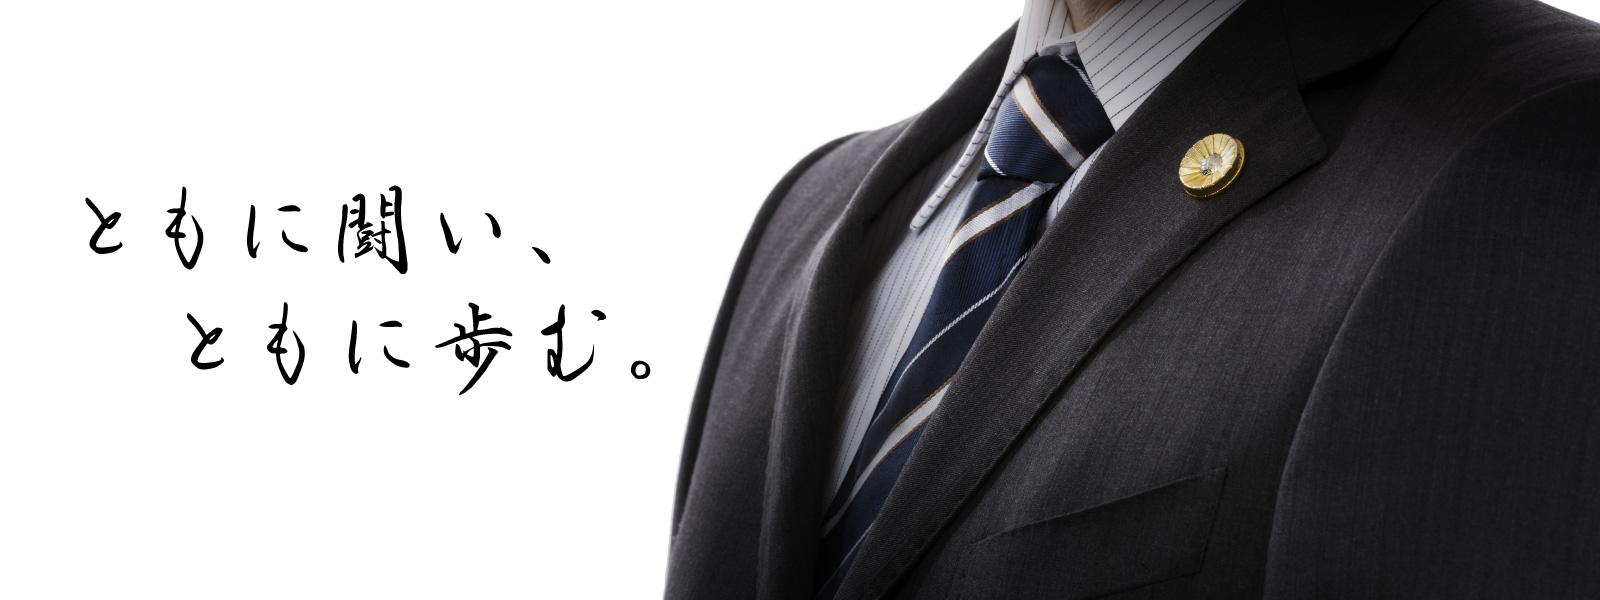 天王寺の南大阪法律事務所 スローガン「ともに闘い、ともに歩む。」